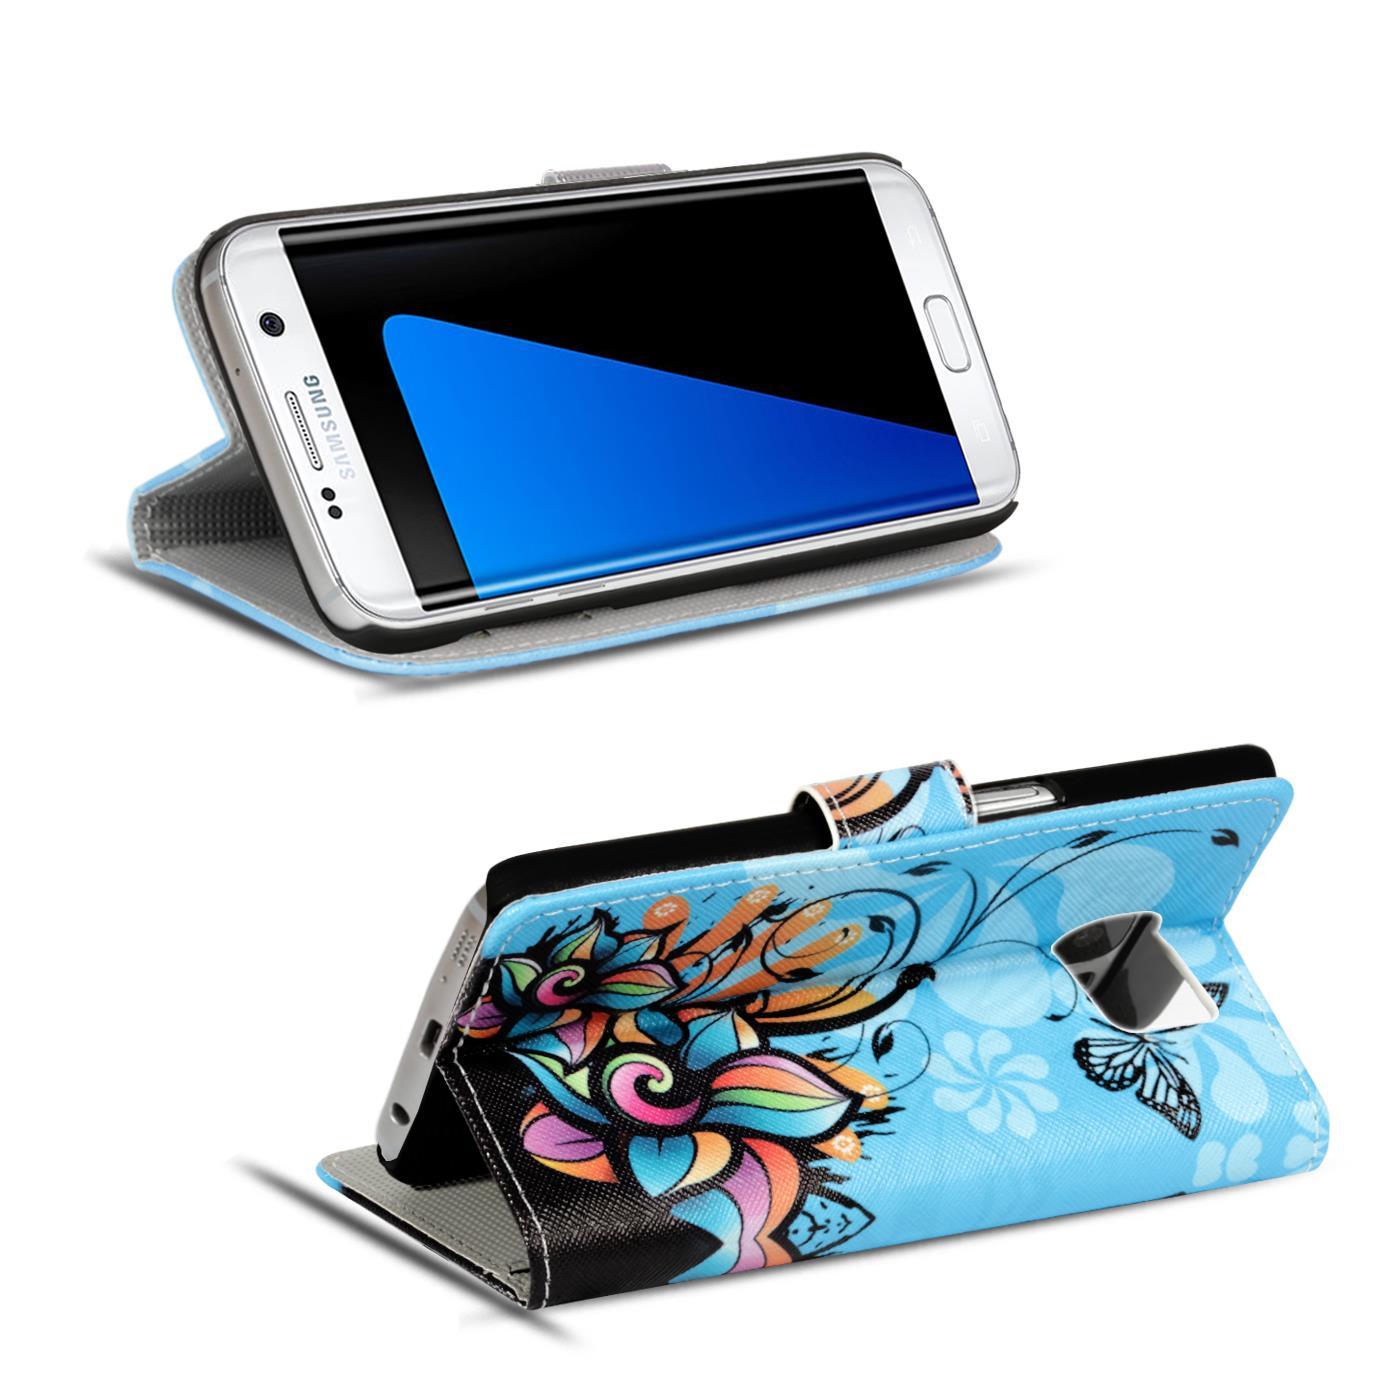 Schutz-Huelle-fuer-Samsung-Galaxy-Handy-Tasche-Flip-Cover-Wallet-Etui-Case-Schale Indexbild 27